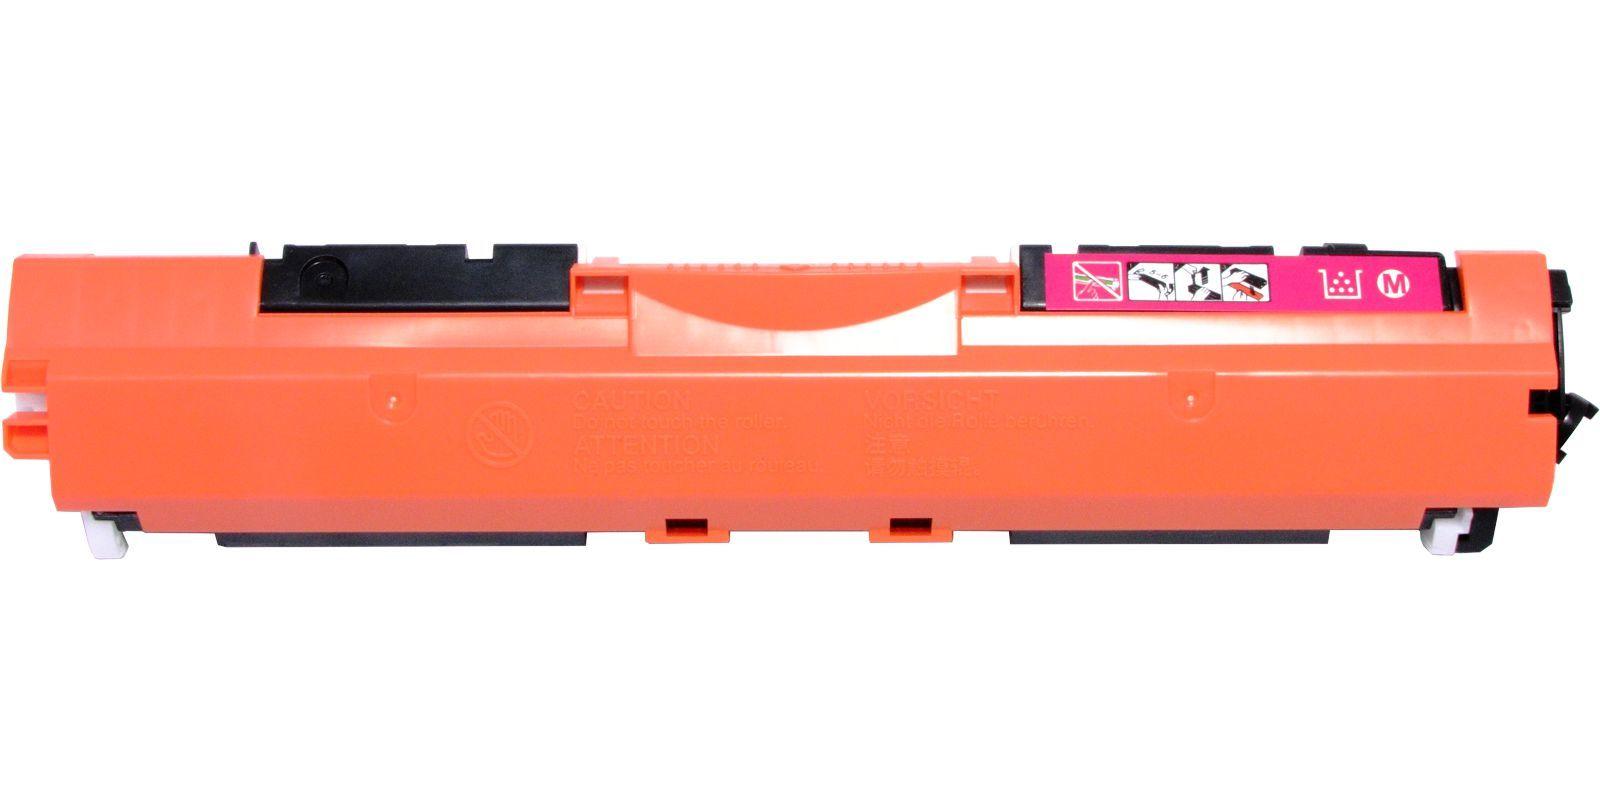 Картридж лазерный цветной Office Pro© 126A CE313A пурпурный (magenta), до 1000 стр.